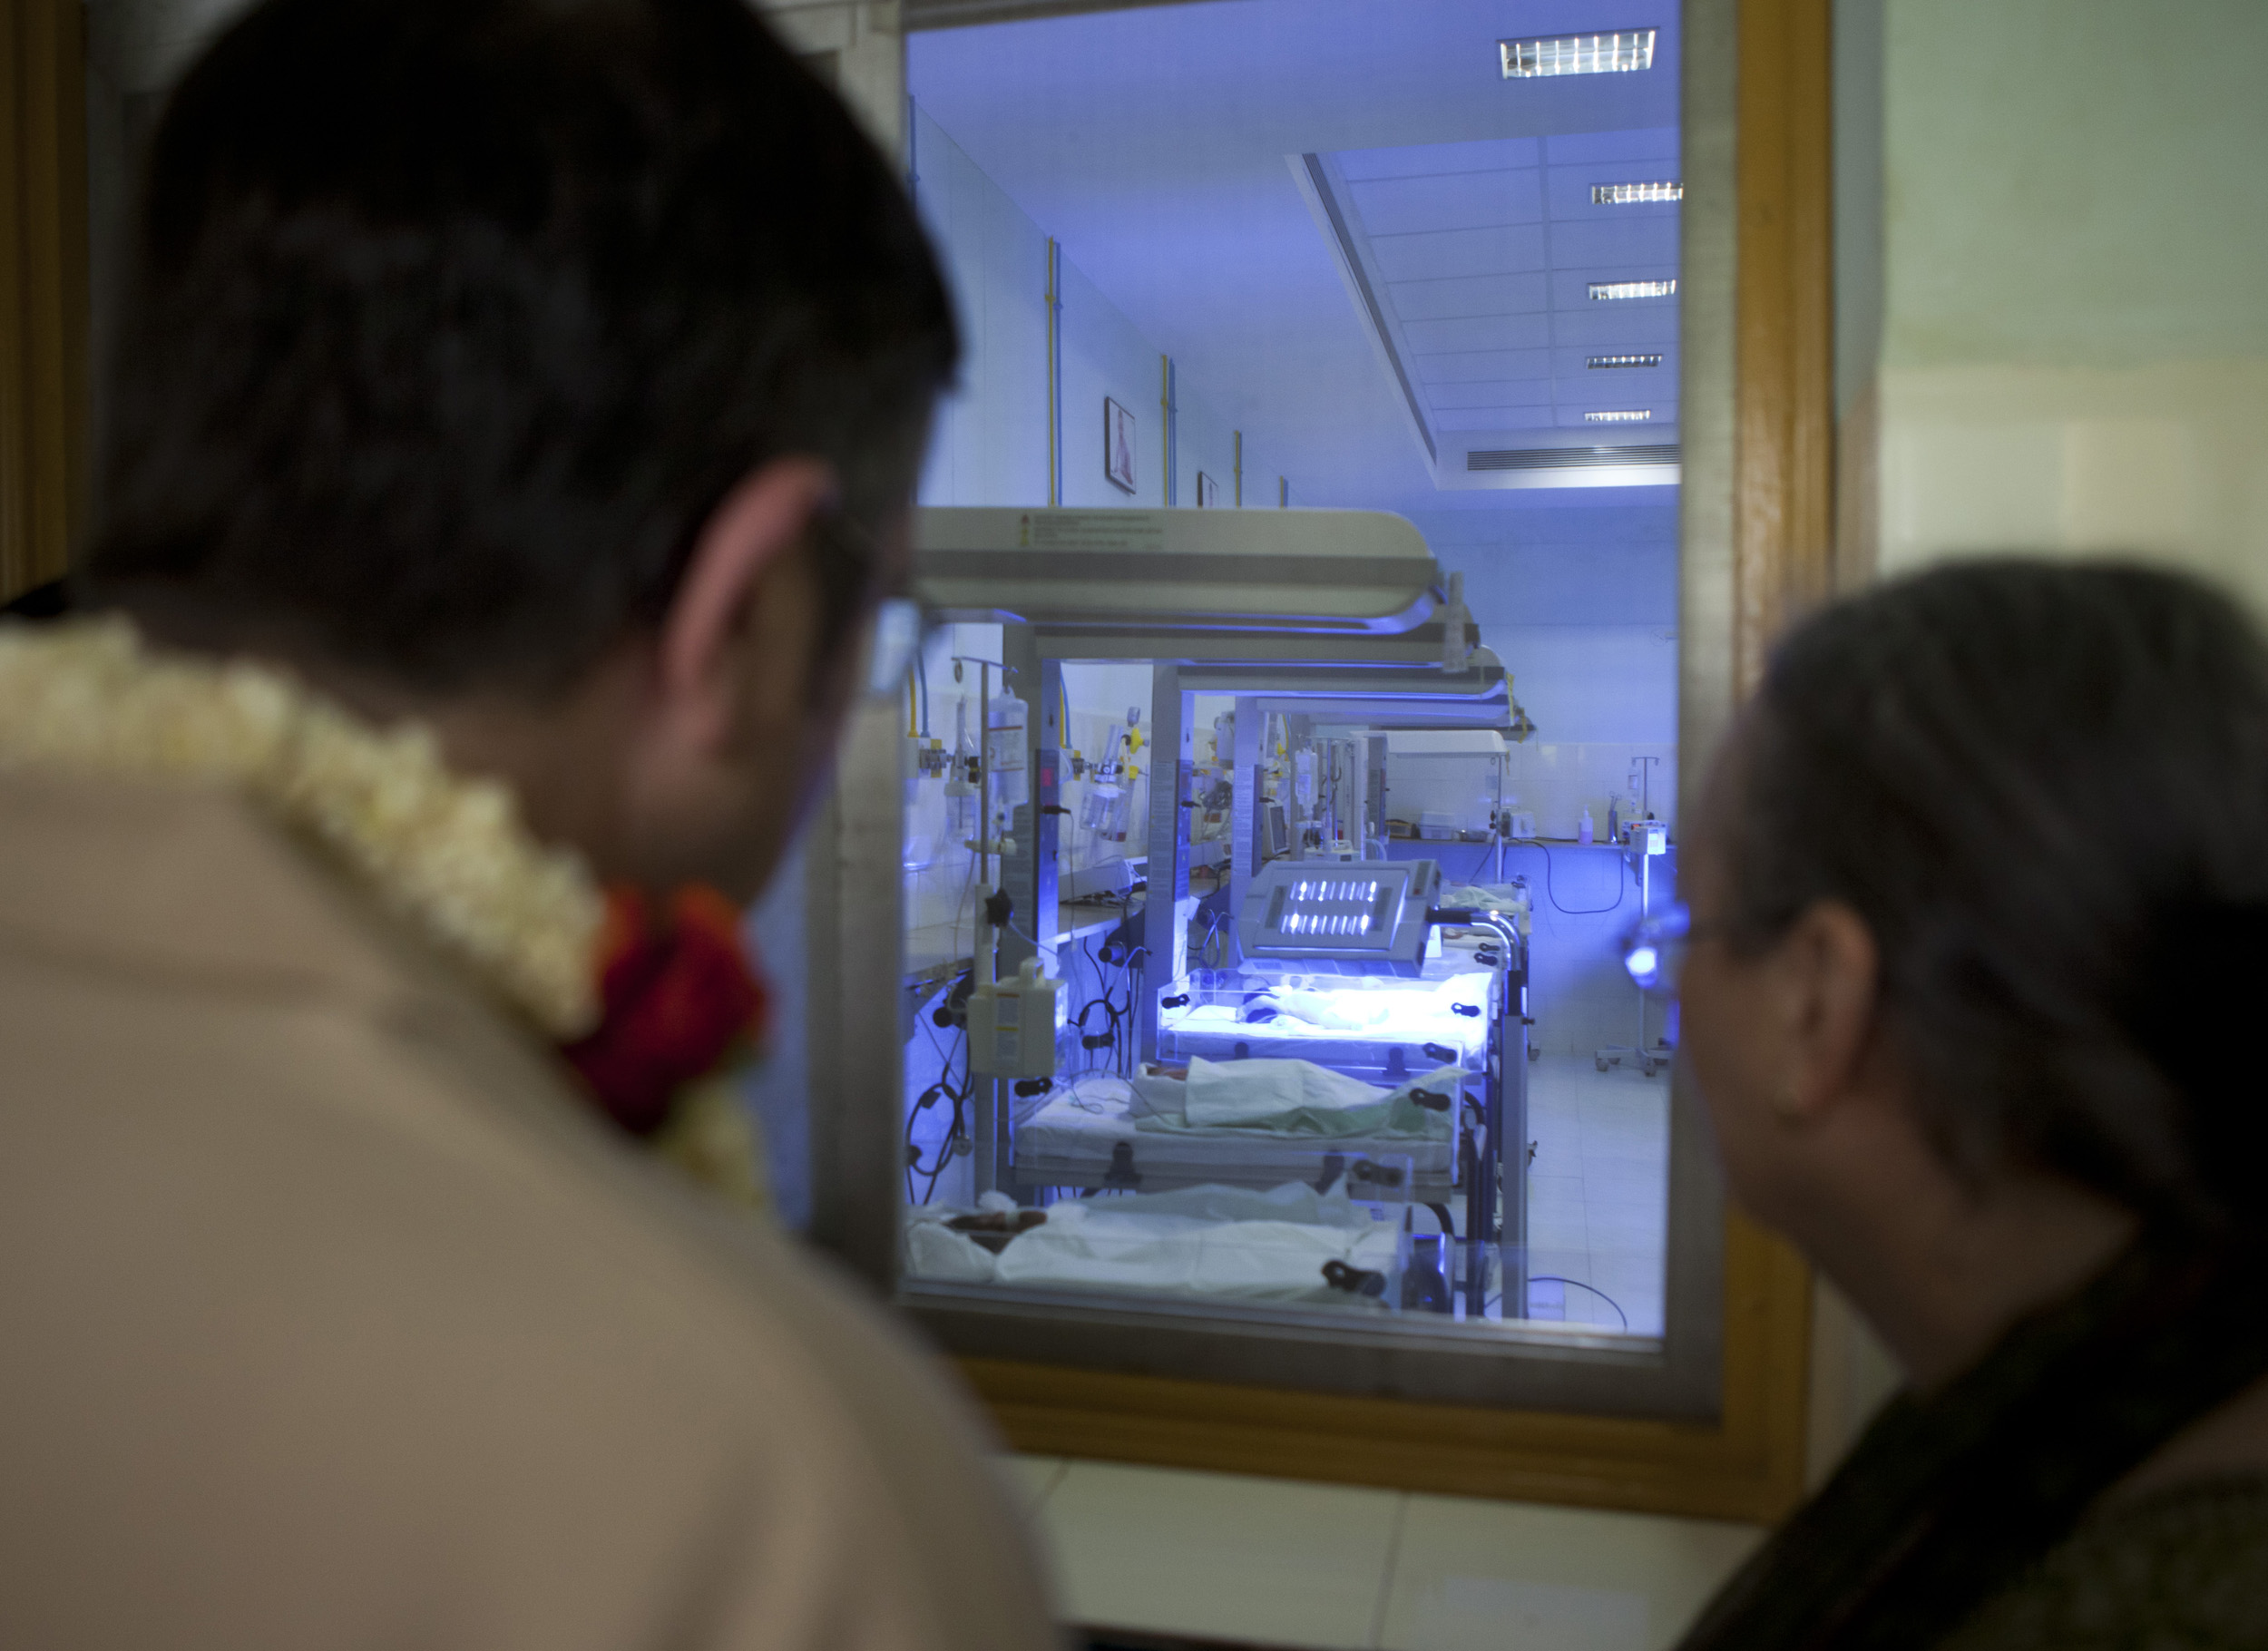 2012_03_17_hospital_vicente_ferrer17.jpg